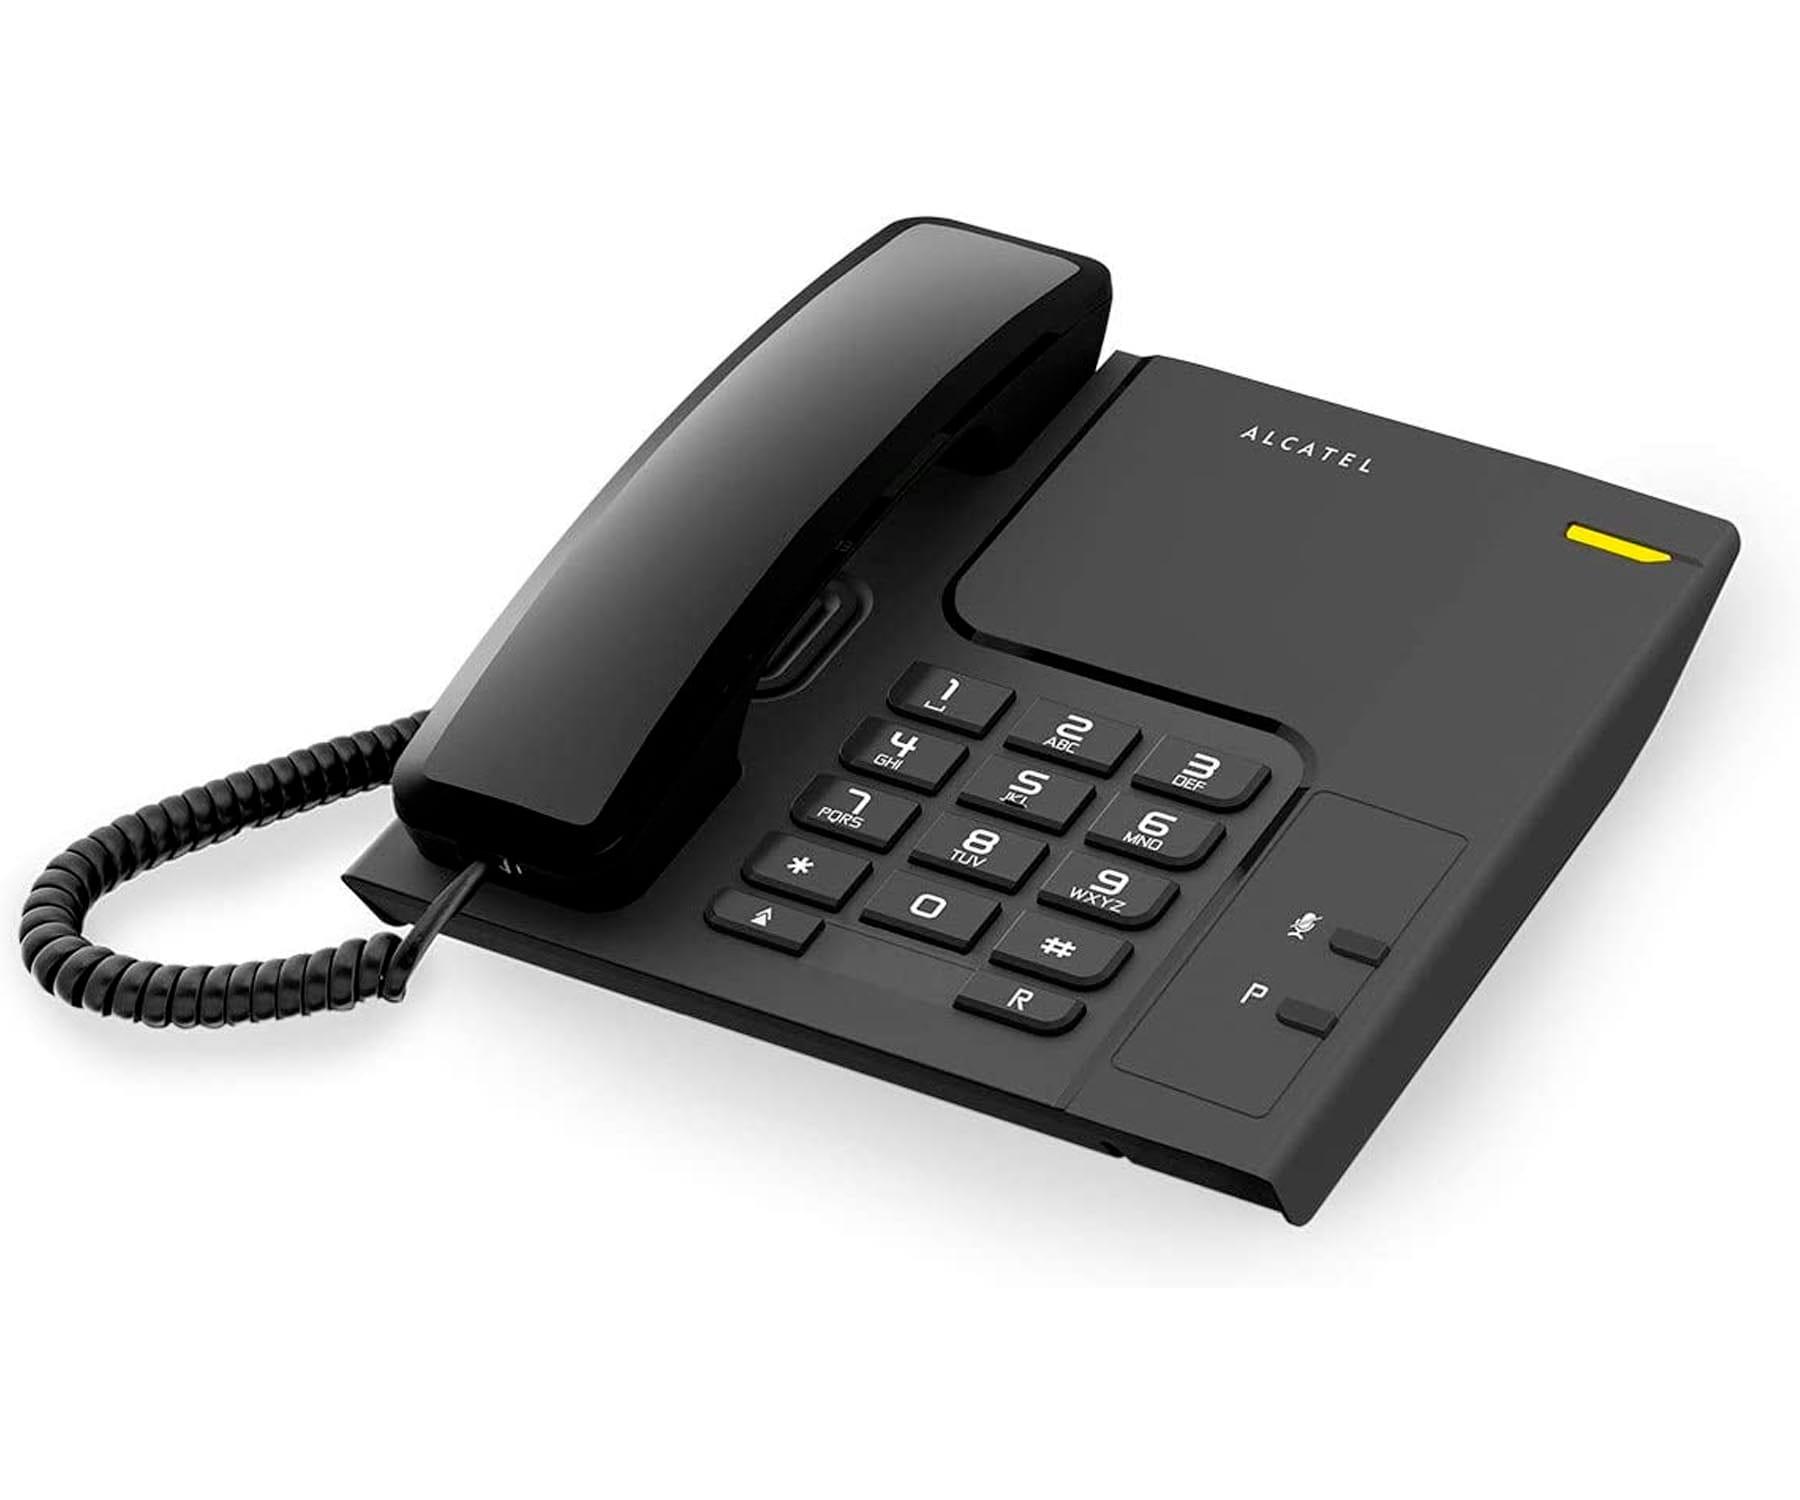 ALCATEL T26 NEGRO TELÉFONO FIJO CON CABLE RESIDENCIAL